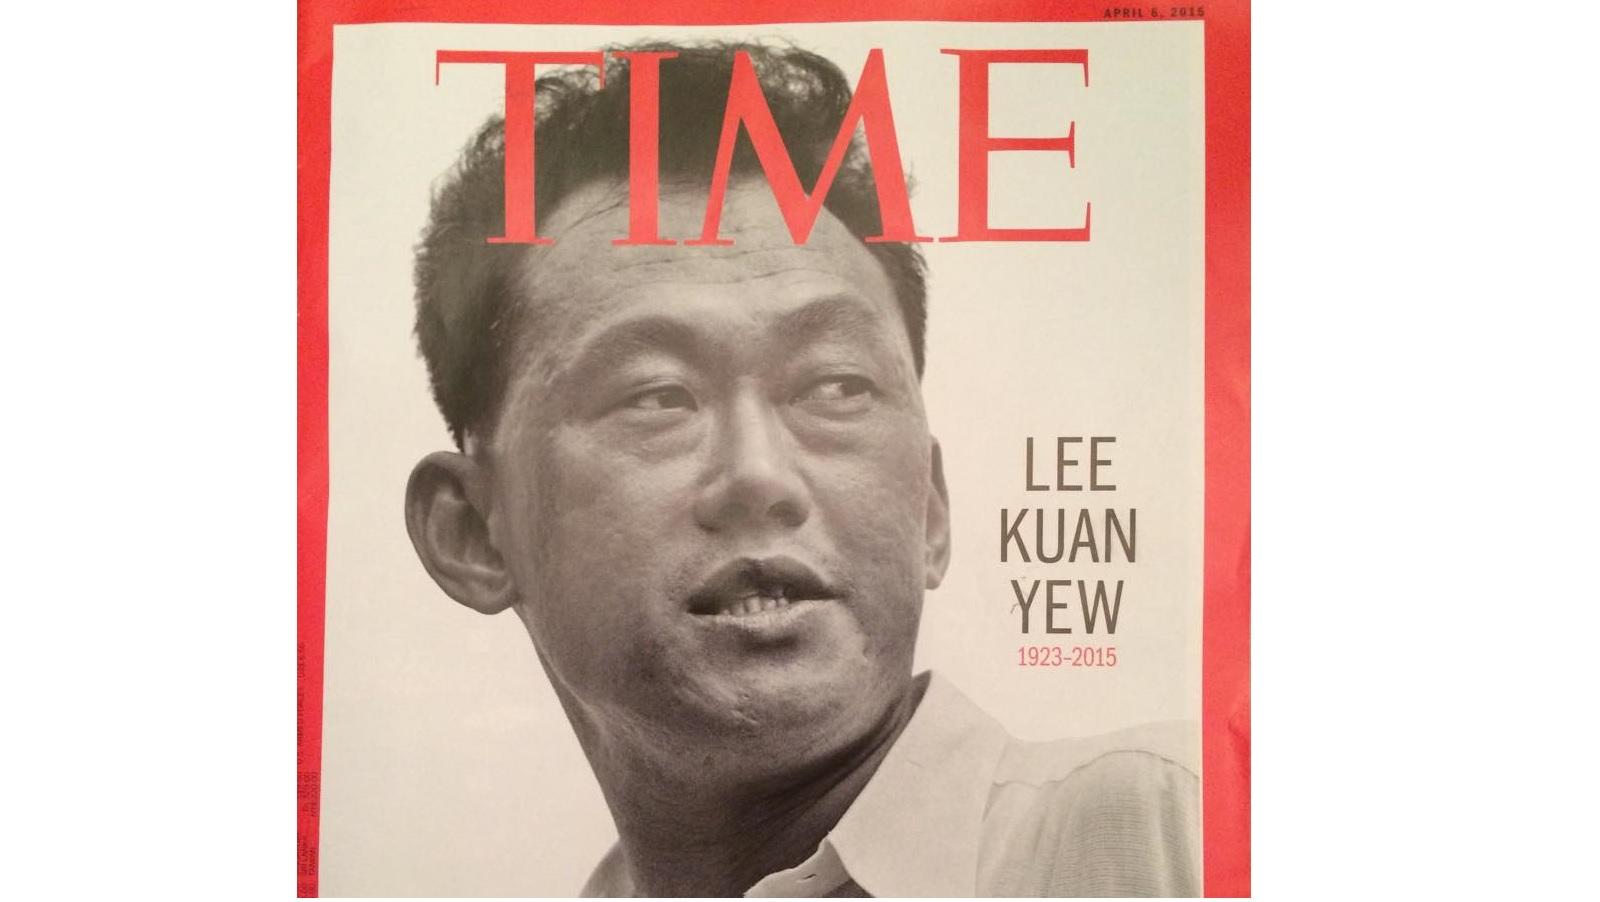 تصویر Lee Kuan Yew بر جلد مجلهی TIME